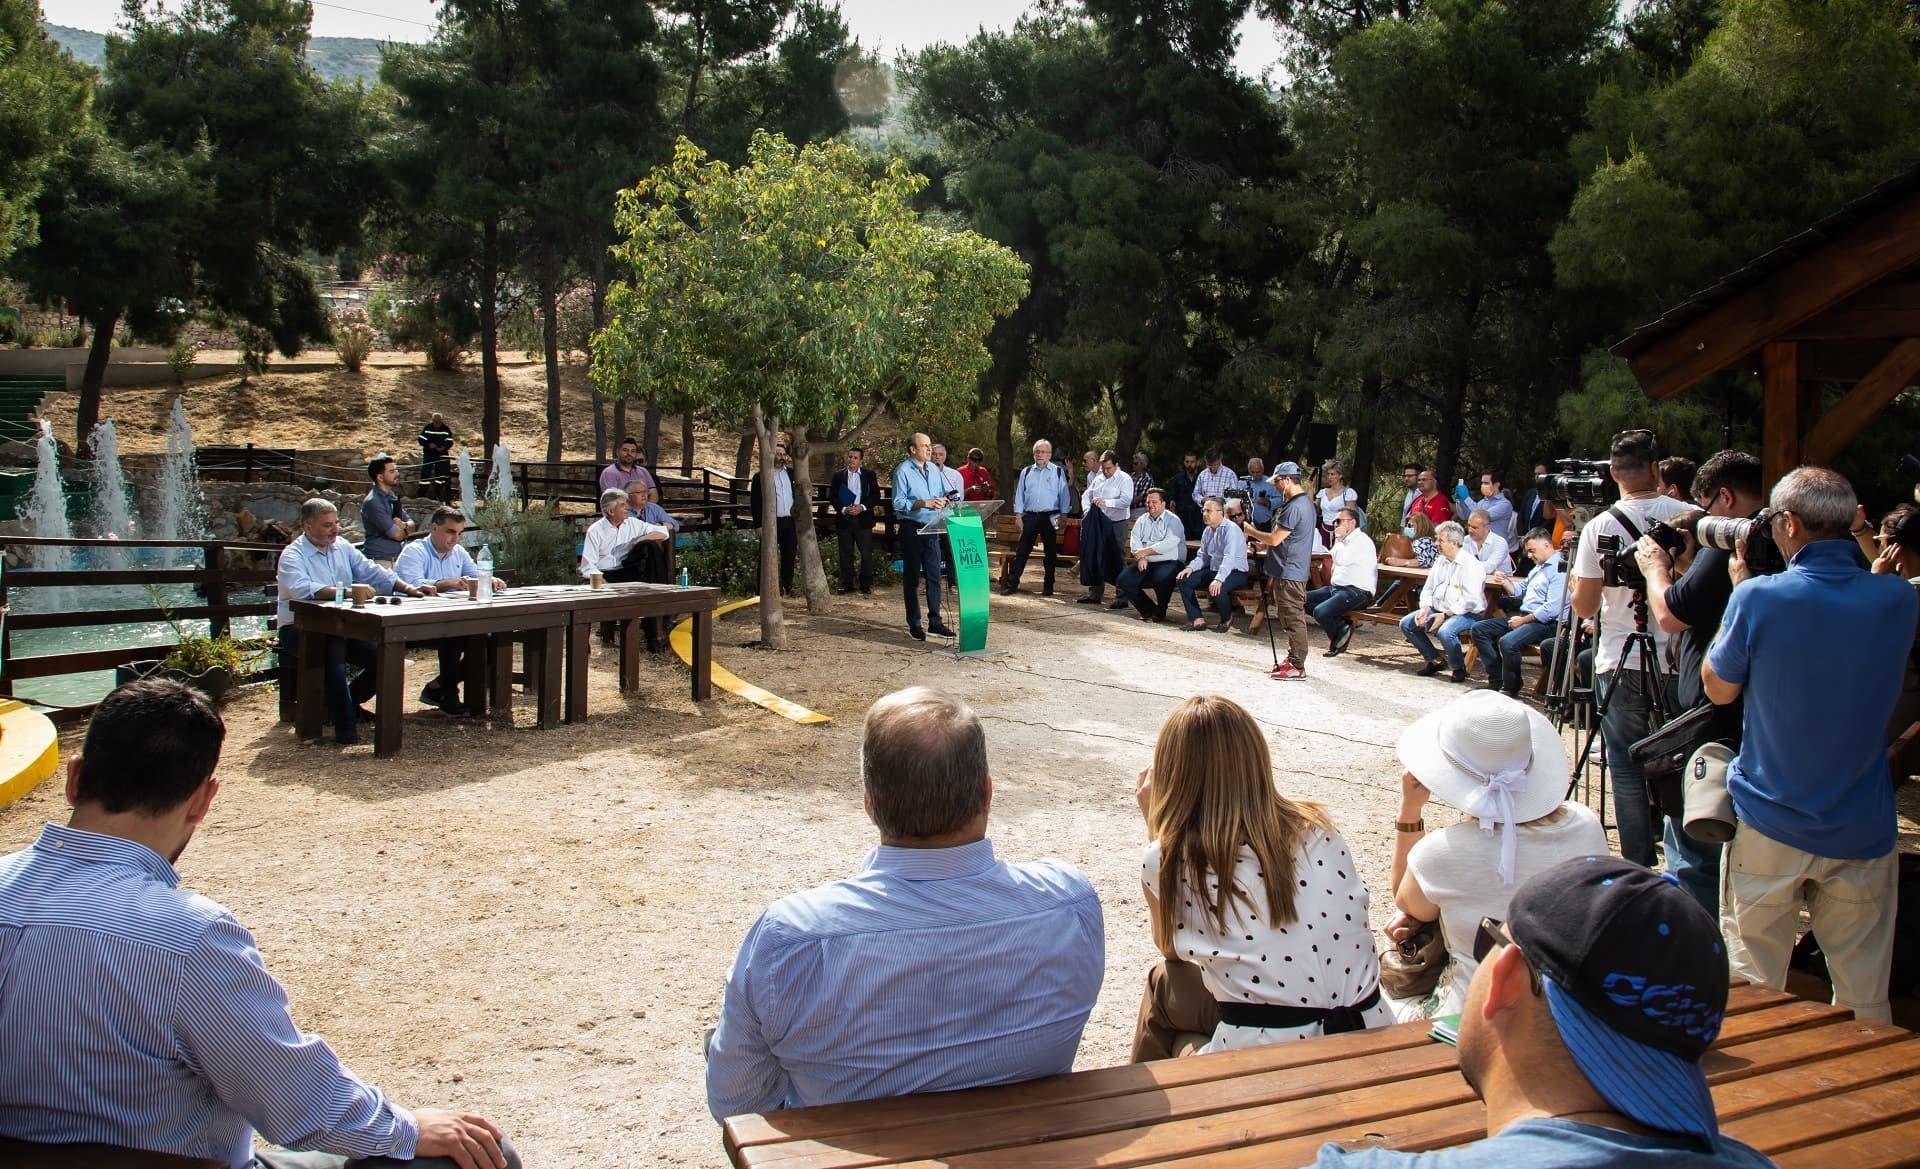 Εκδήλωση υπογραφής μνημονίου συνεργασίας ΥΠΕΝ - ΣΠΑΥ για την αναβάθμιση του Υμηττού